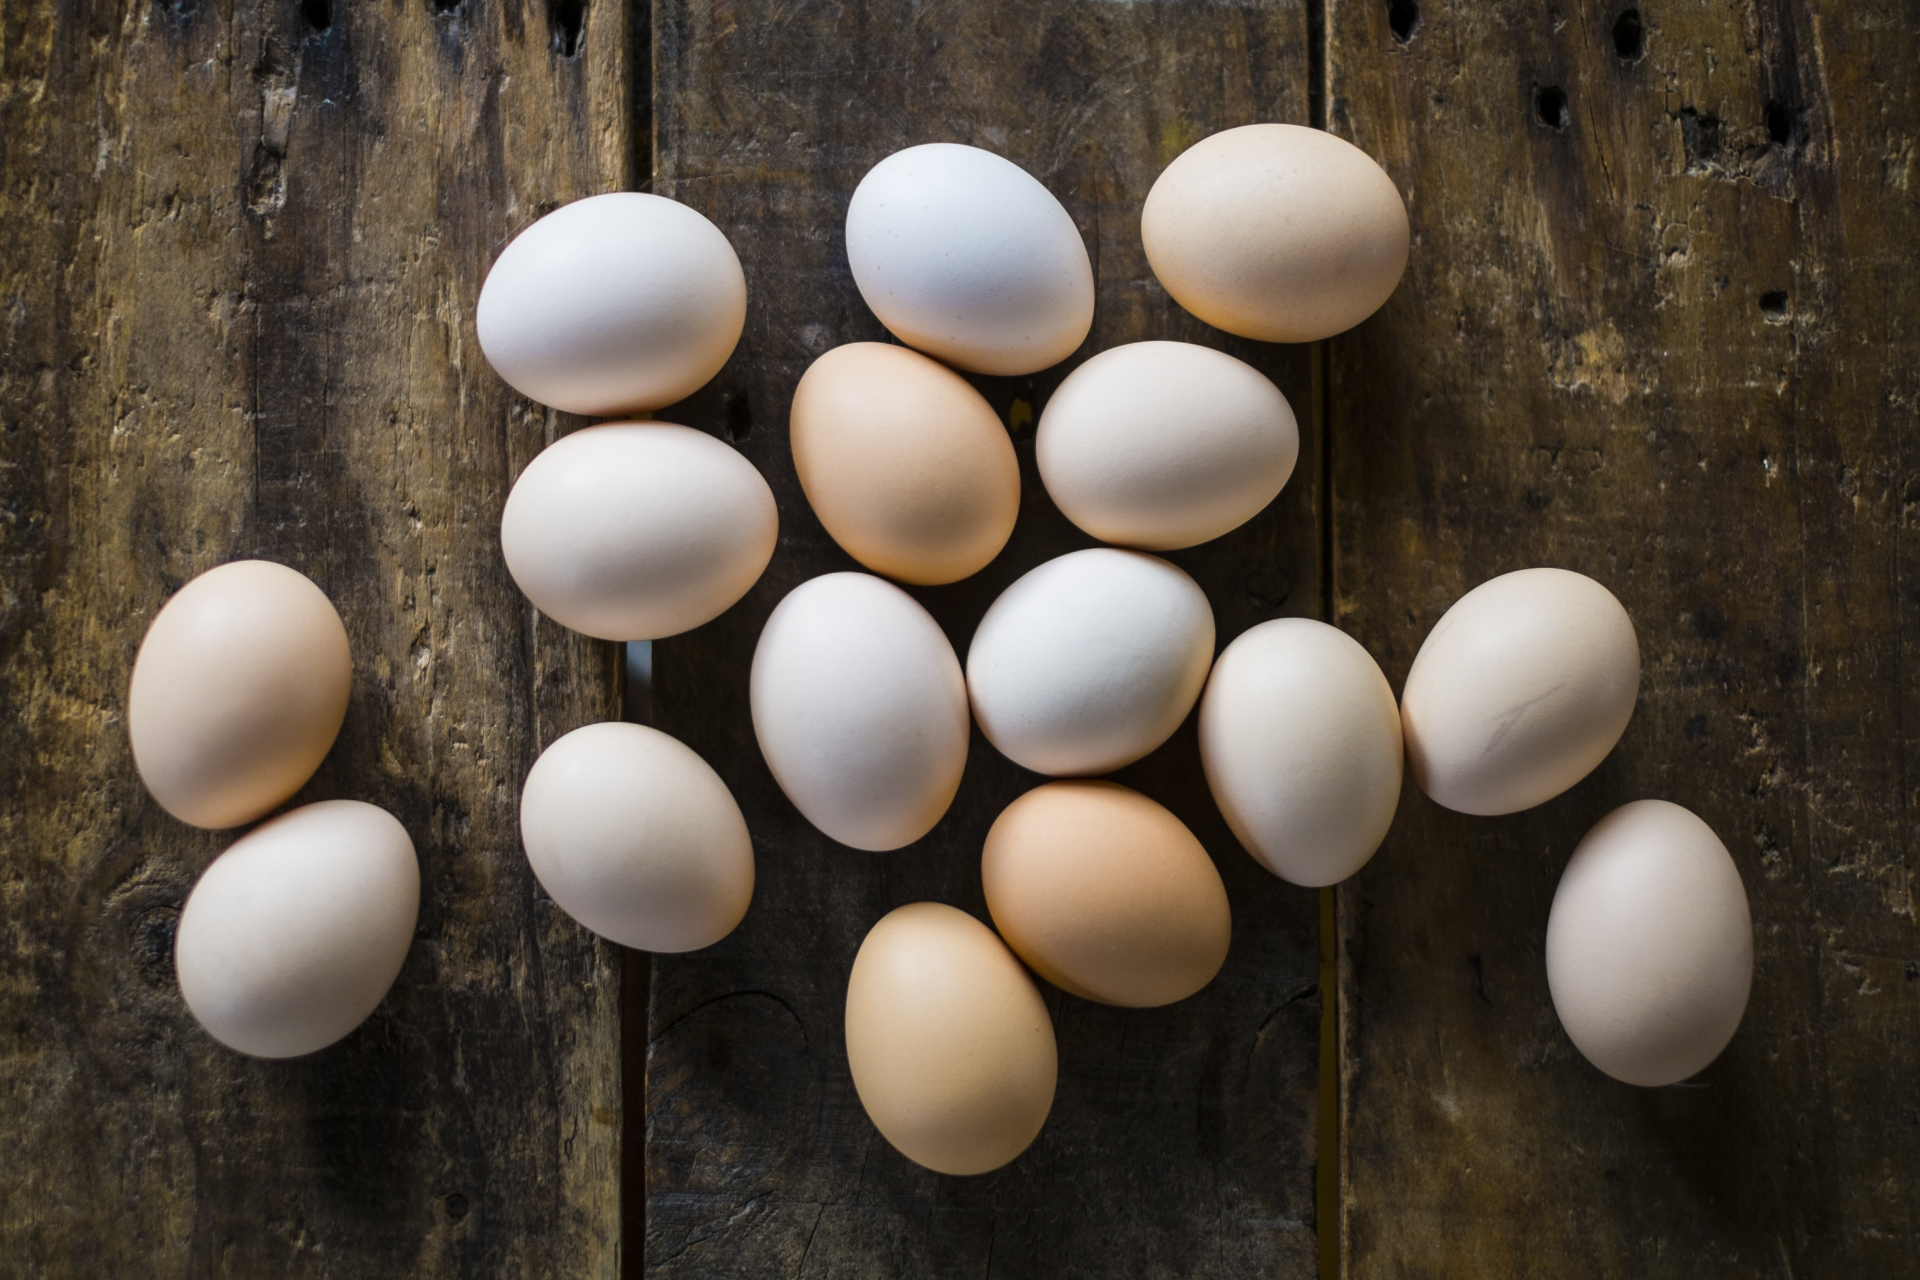 早発卵巣機能不全 排卵イメージ